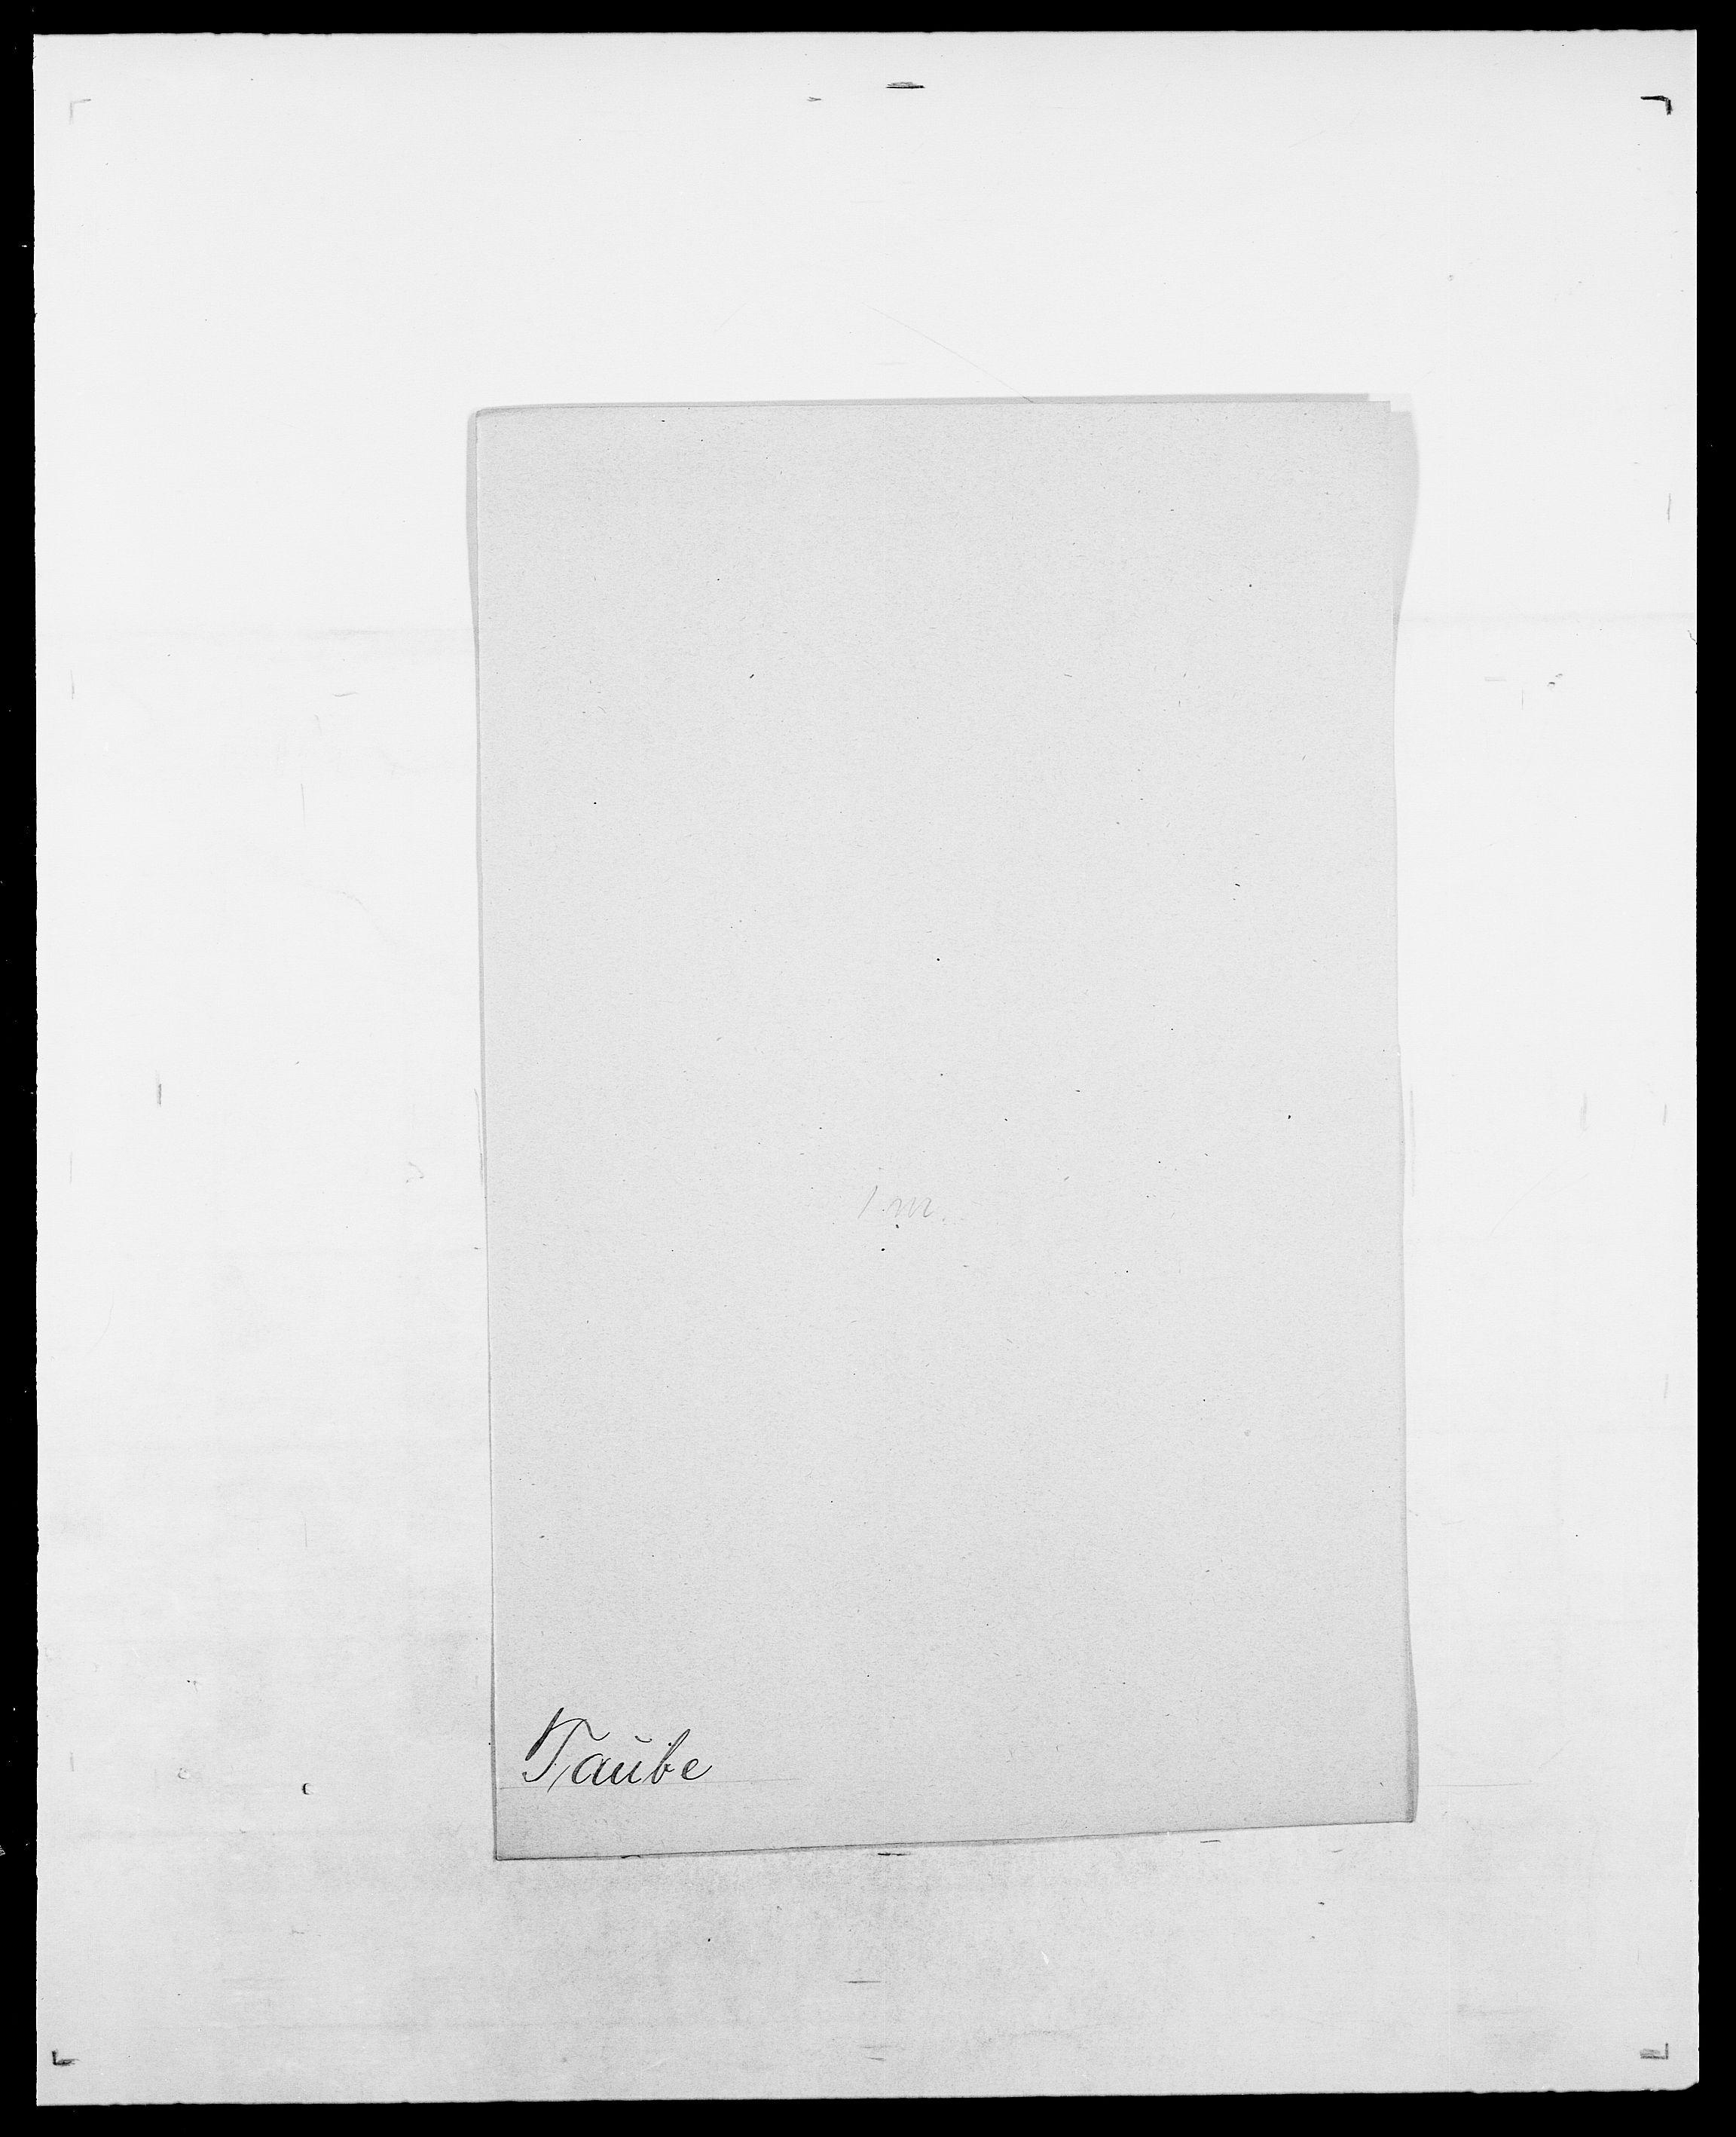 SAO, Delgobe, Charles Antoine - samling, D/Da/L0038: Svanenskjold - Thornsohn, s. 343